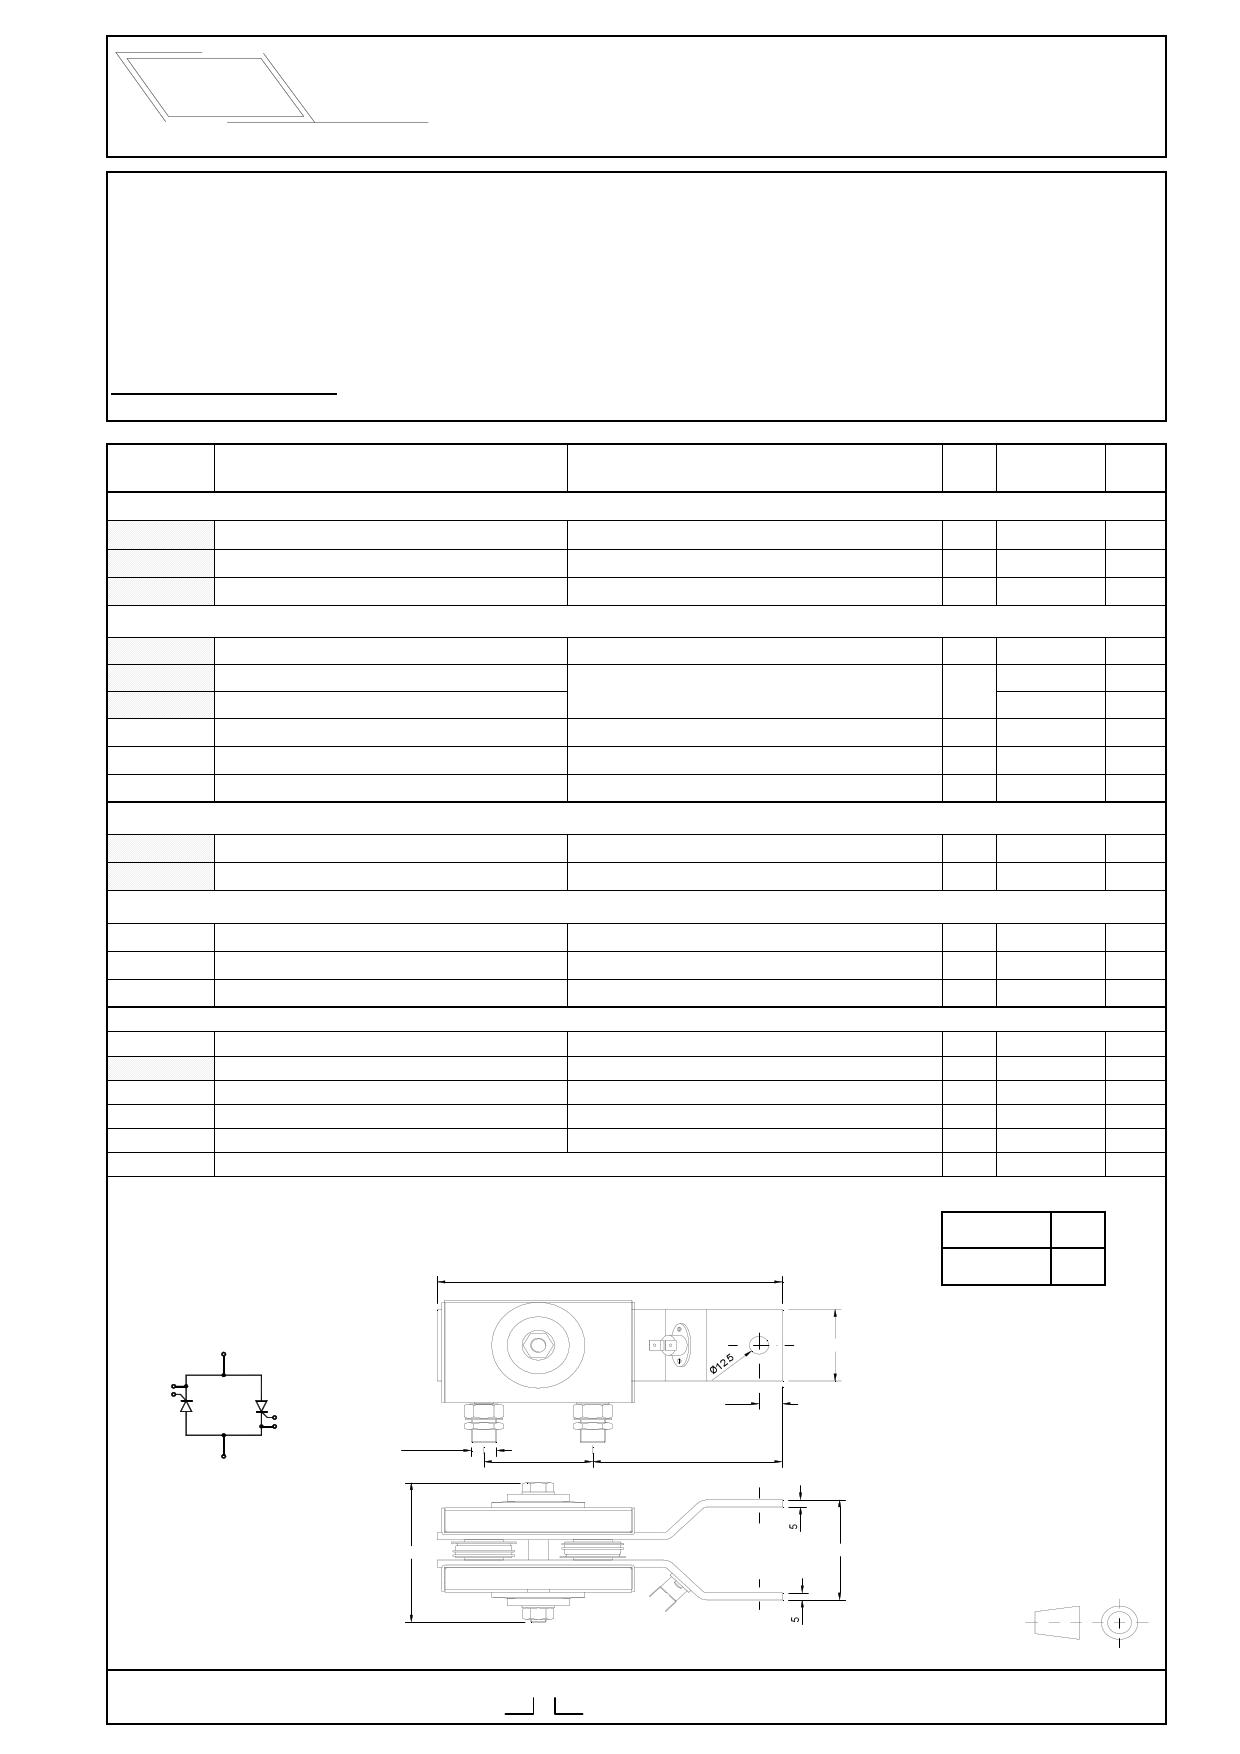 2-2WI-600 даташит PDF